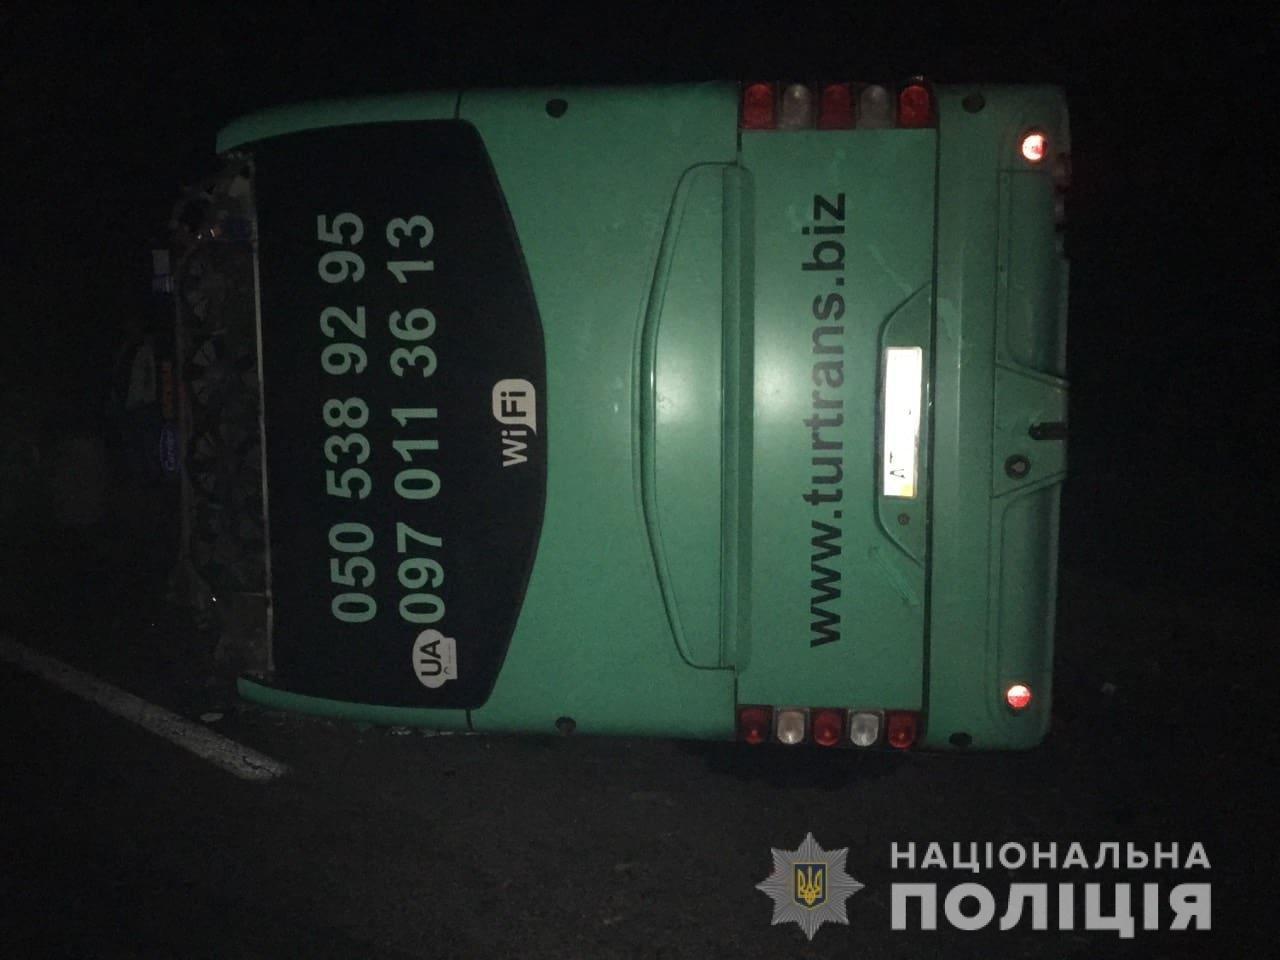 В поліції розповіли деталі смертельного ДТП на Львівщині, в якій постраждали закарпатці (ФОТО), фото-1